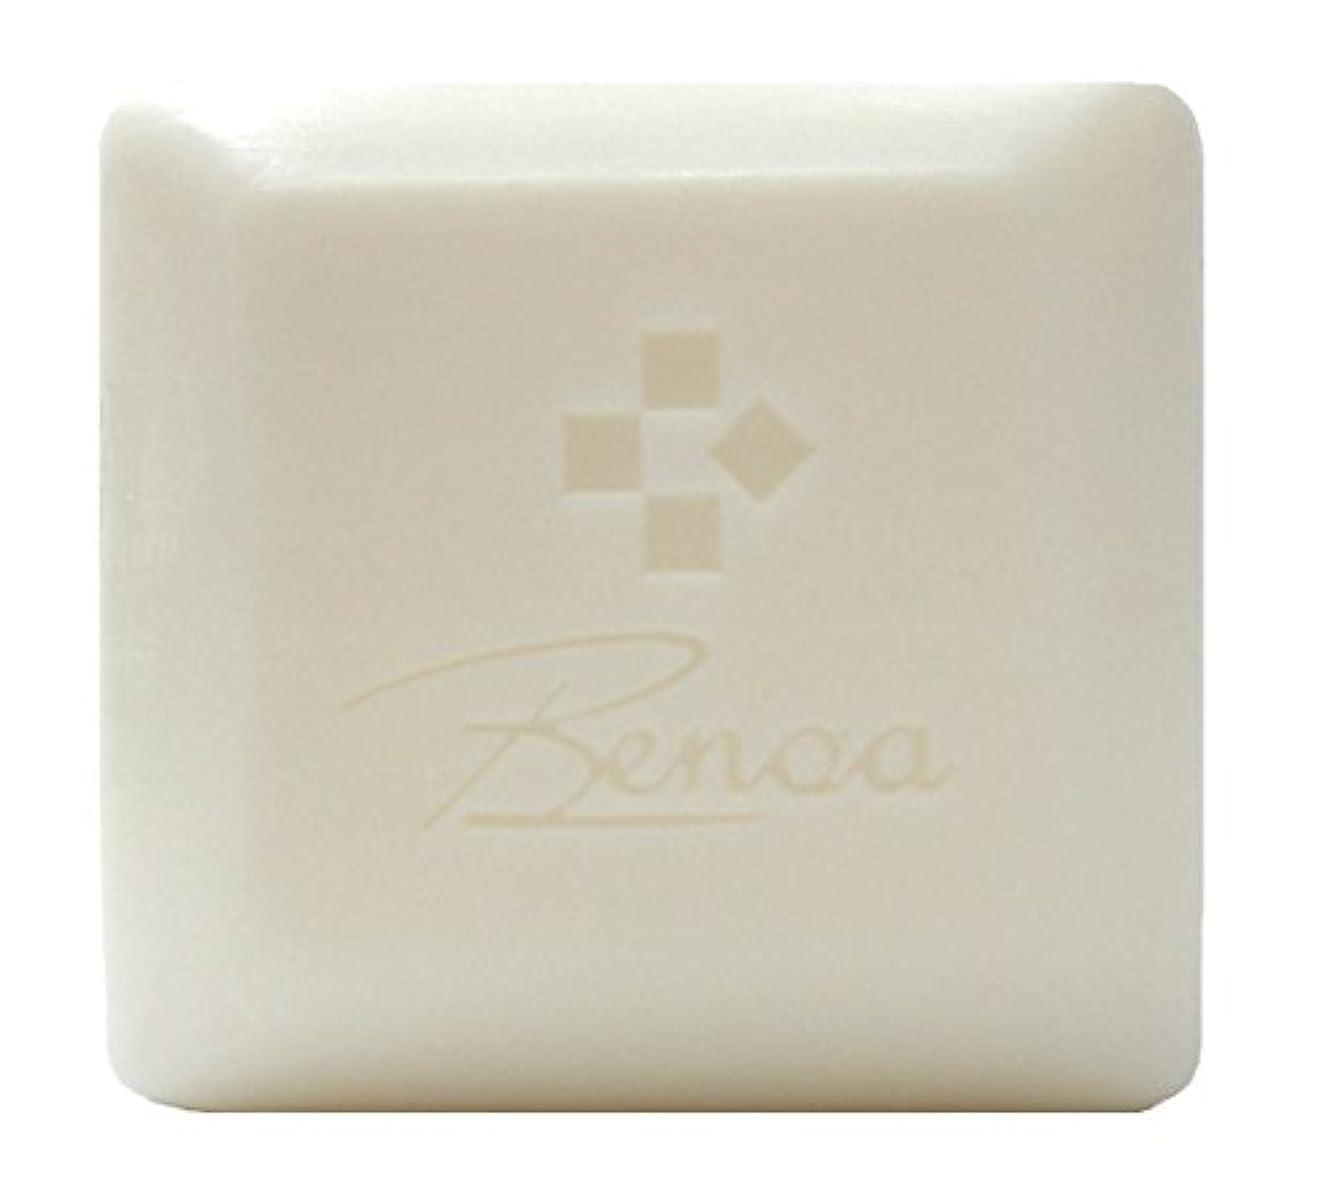 つかいます永遠のにじみ出るBenoa【ベノア】ベノア?ジァパン コラーゲンソープ【石鹸】